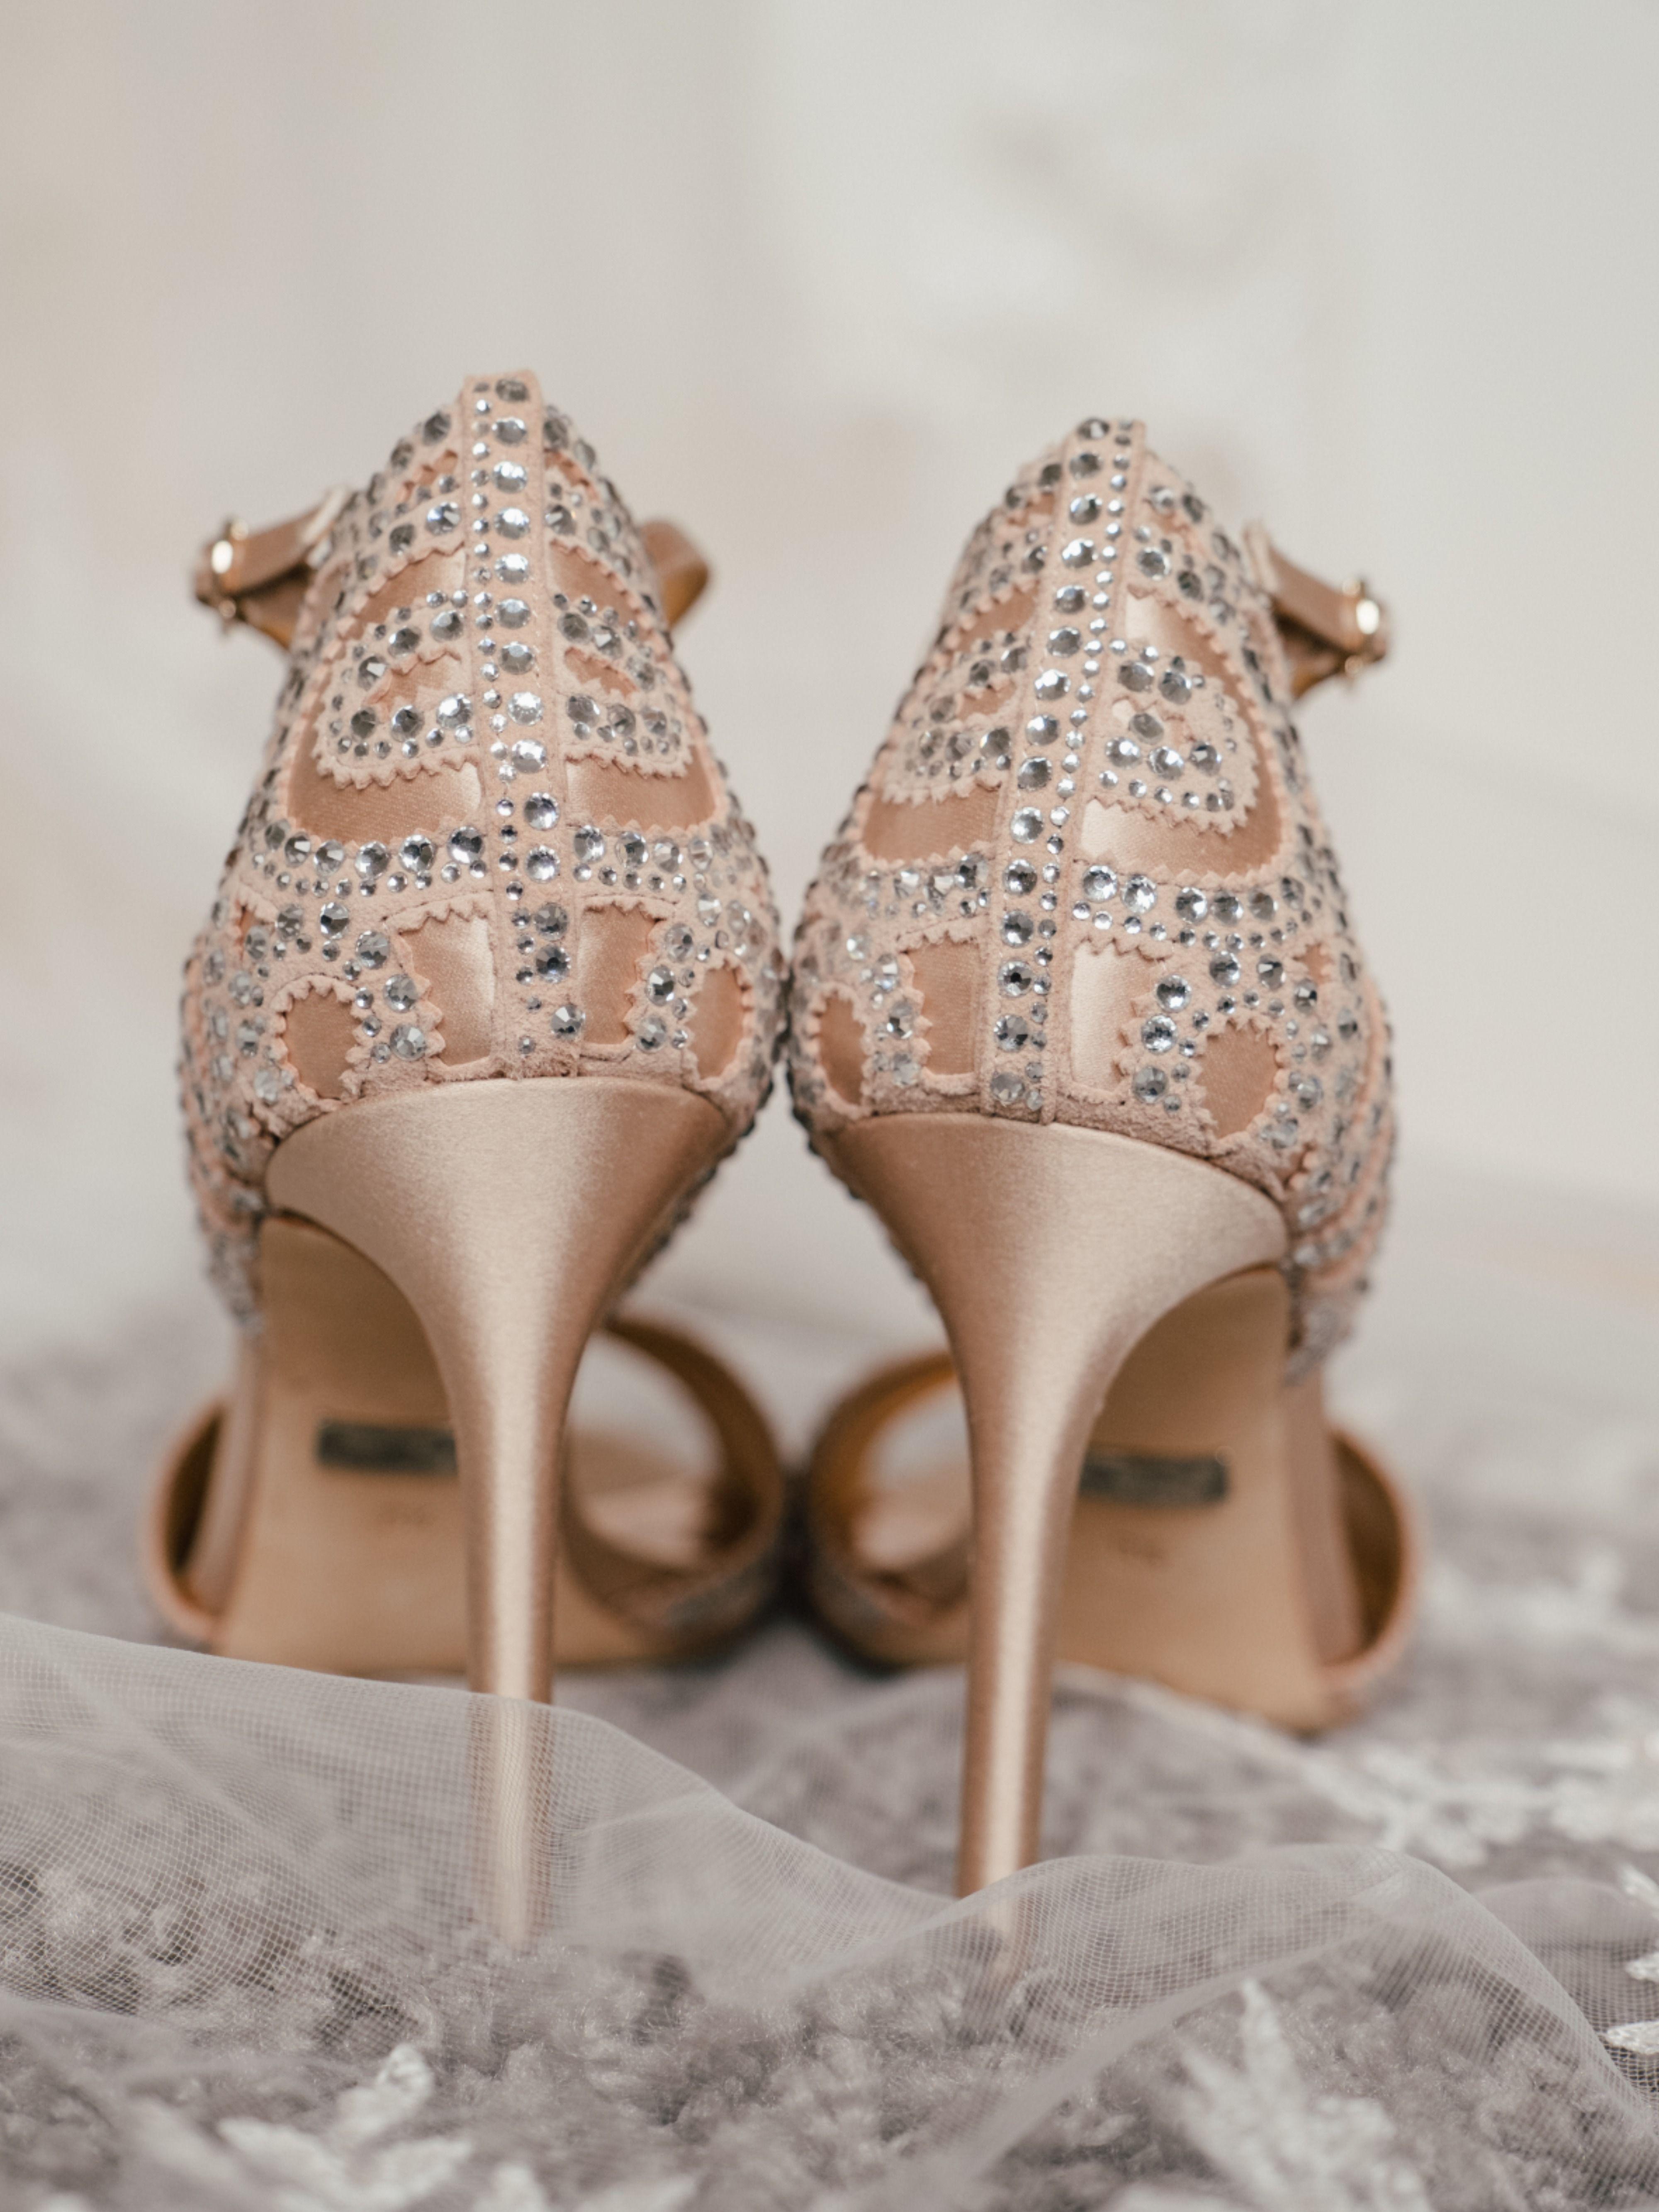 Meine Braut trug am Tag ihrer Hochzeit nicht nur ein wundervolles Brautkleid, sondern auch die passenden Brautschuhe von badgley mischka. Einfach wundervoll. #brautschuhe #brautschuhebadgleymischka #brautschuhevintage #brautschuheboho #badgleymischka #badgleymischkabridalshoes #bridalschoes #badgleymischkashoes